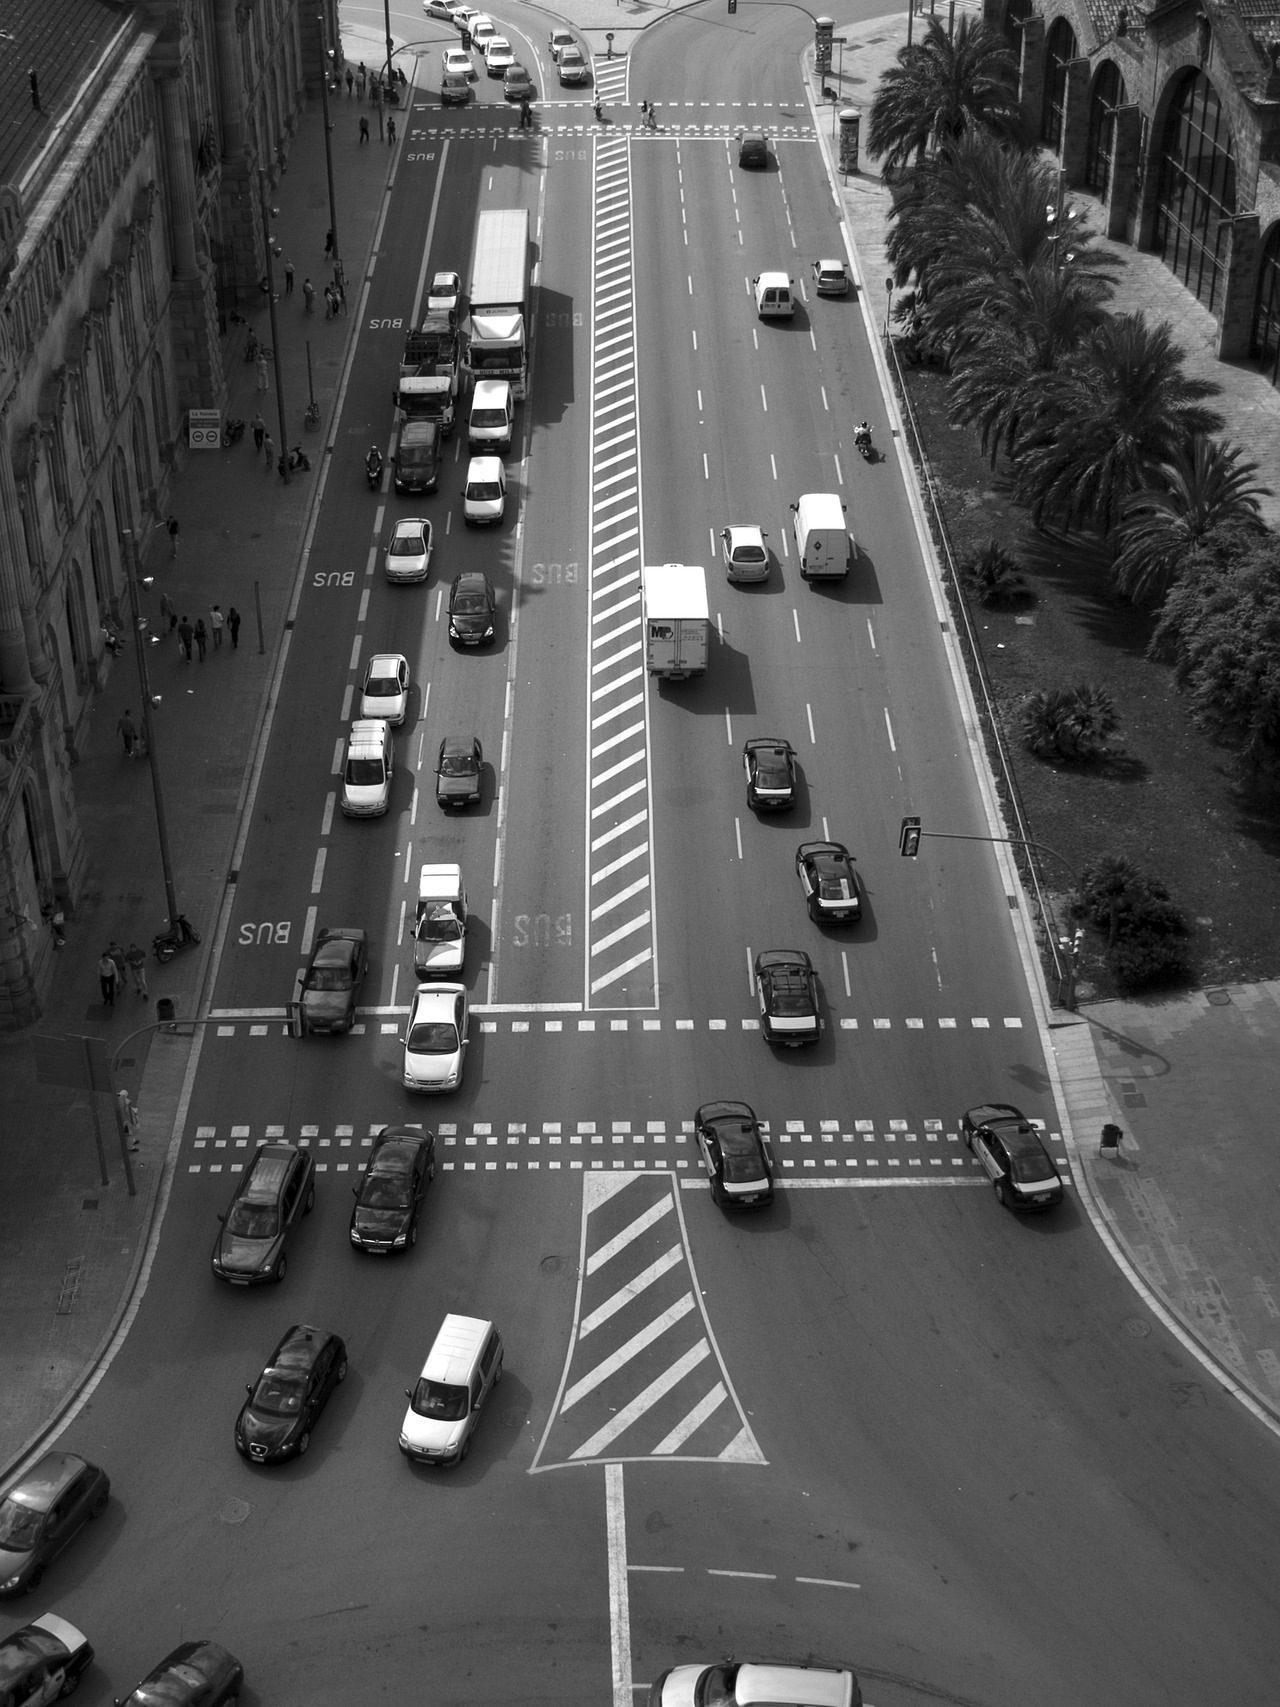 tráfego, Cidade, Carros, Barcelona, em preto e branco - Papéis de parede HD - Professor-falken.com